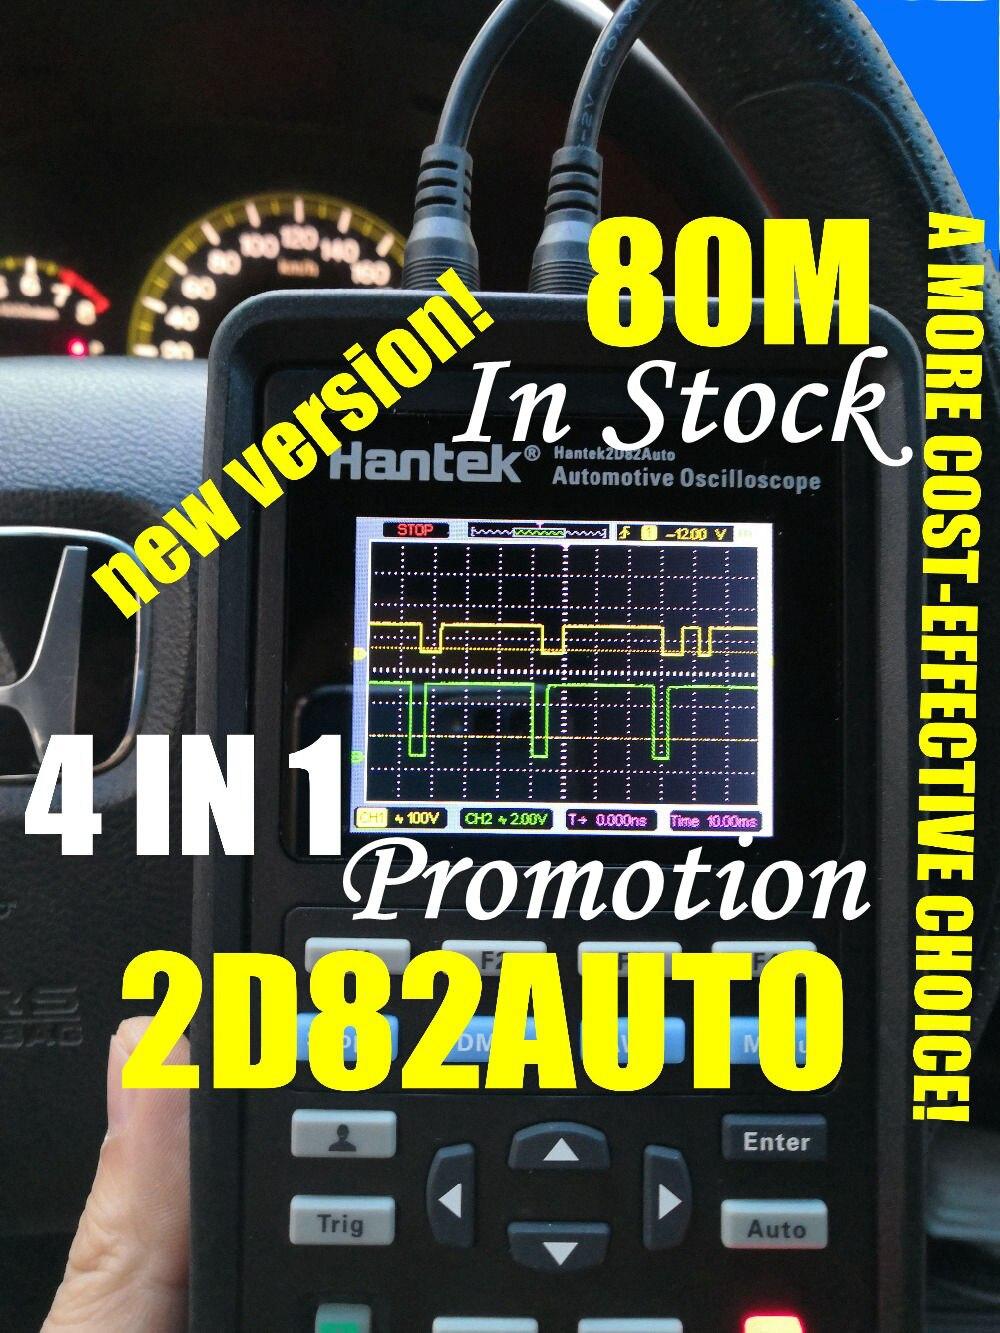 Hantek automobile oscilloscope 2d82auto numérique portable multimètre générateur d'onde 3in1 2c42/2d72/2d42/2c72/2d82